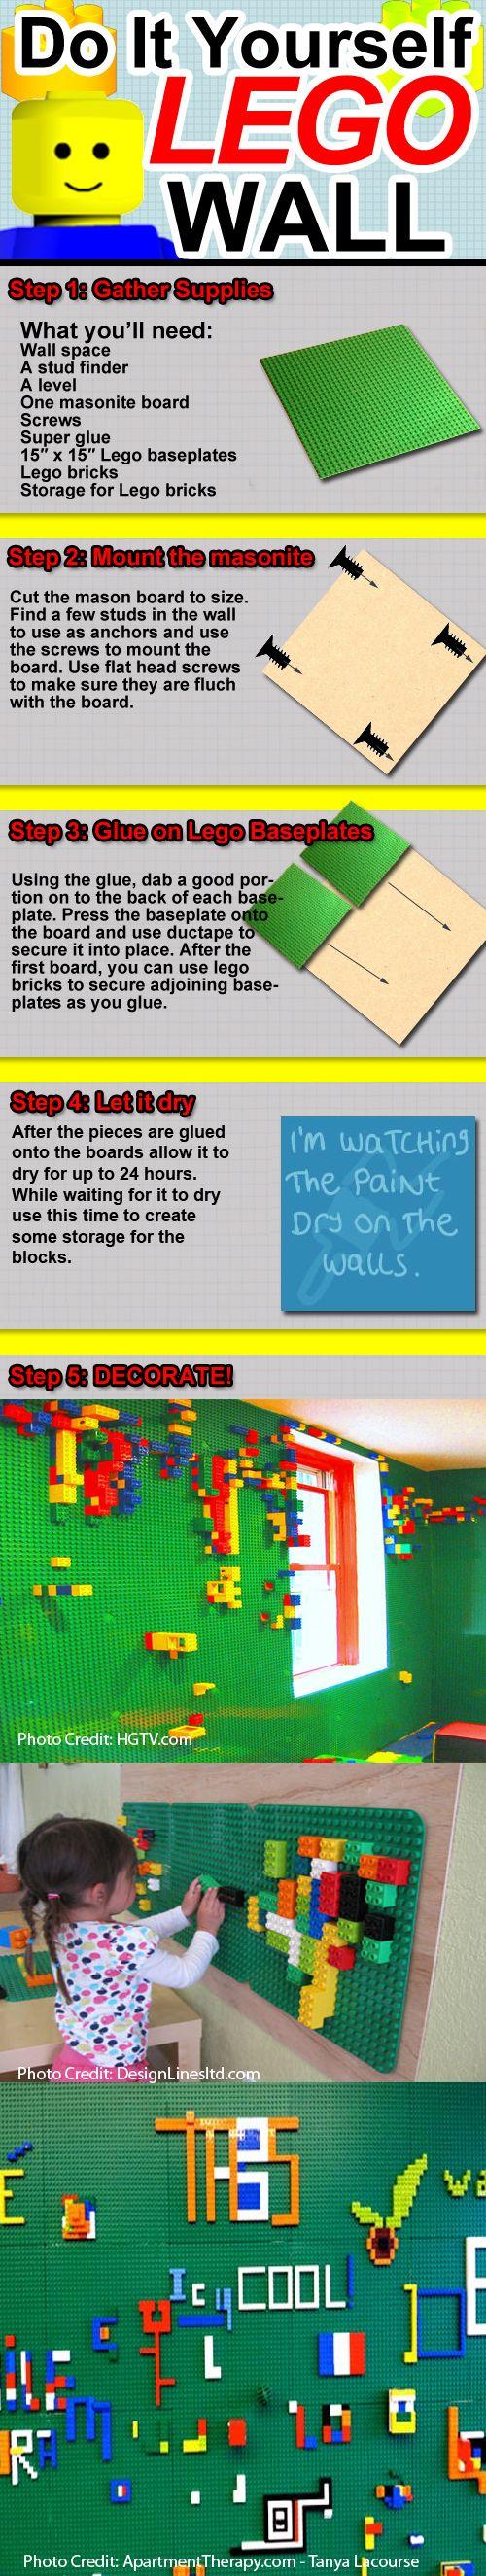 Super-Anleitung: Eine Lego-Pinwand bauen (englisch, aber Fotoanleitung)